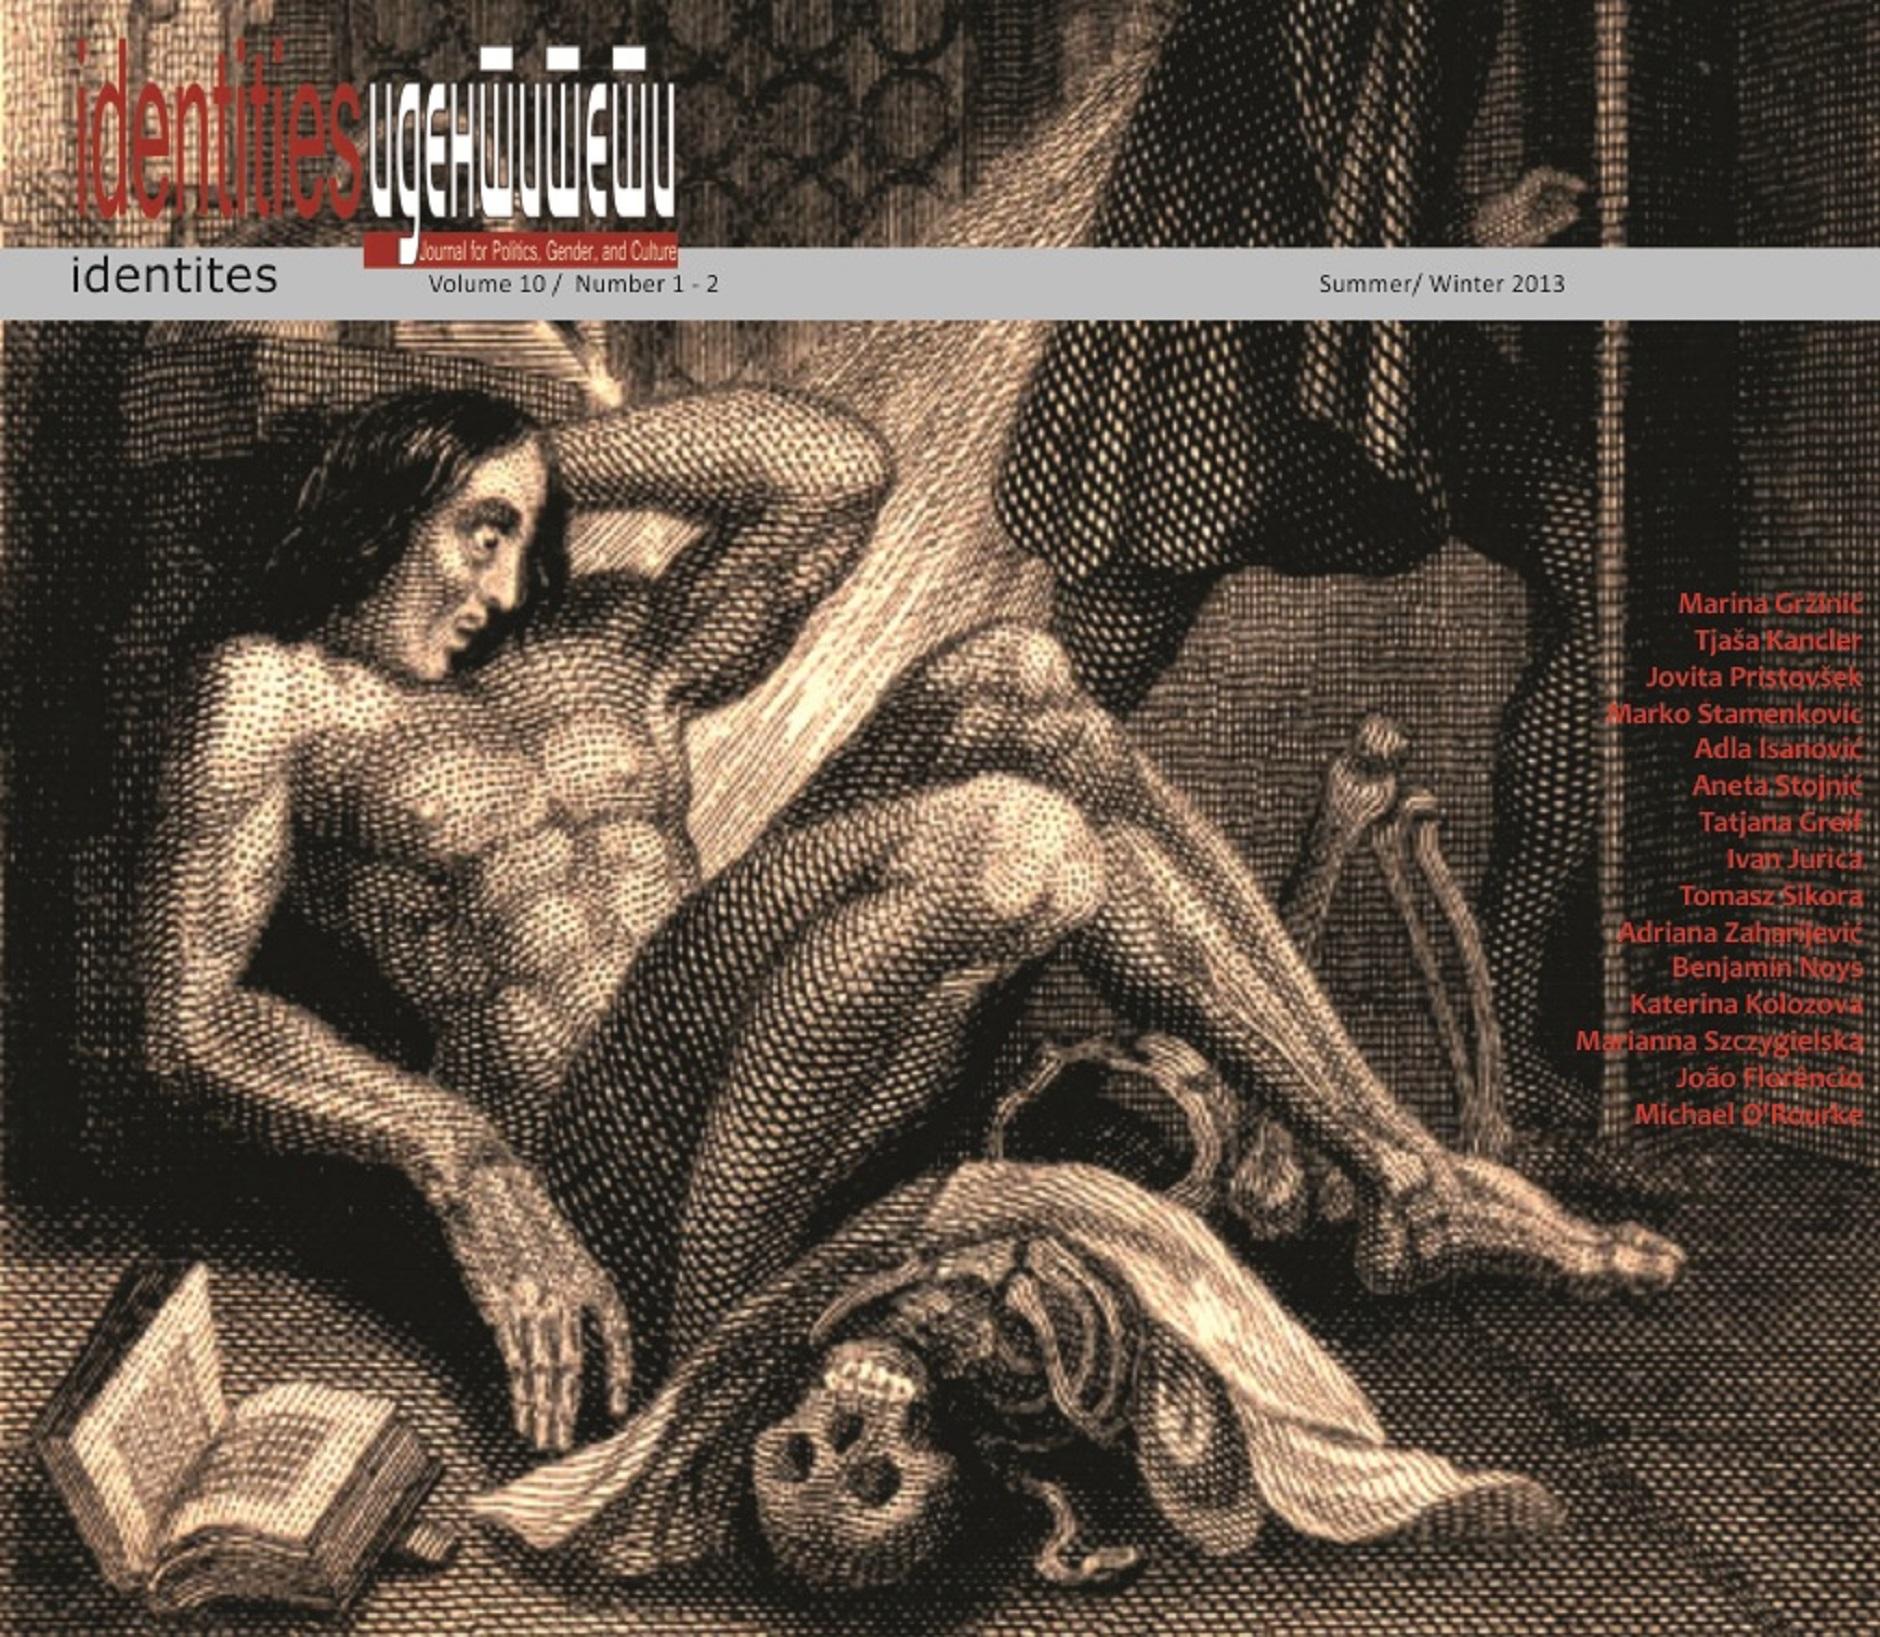 View Vol. 10 No. 1-2 (2013): Vol. 10, No. 1-2 (Summer - Winter 2013) - Issues No. 20-21 | Vol. 10, No. 1, Topic: Science, Media, Necropolitics and Bastard Trans-feminism(s), edited by Marina Gržinić | Vol. 10, No. 2, Topic: The Post-Human, the Non-Human and its Political Revolt